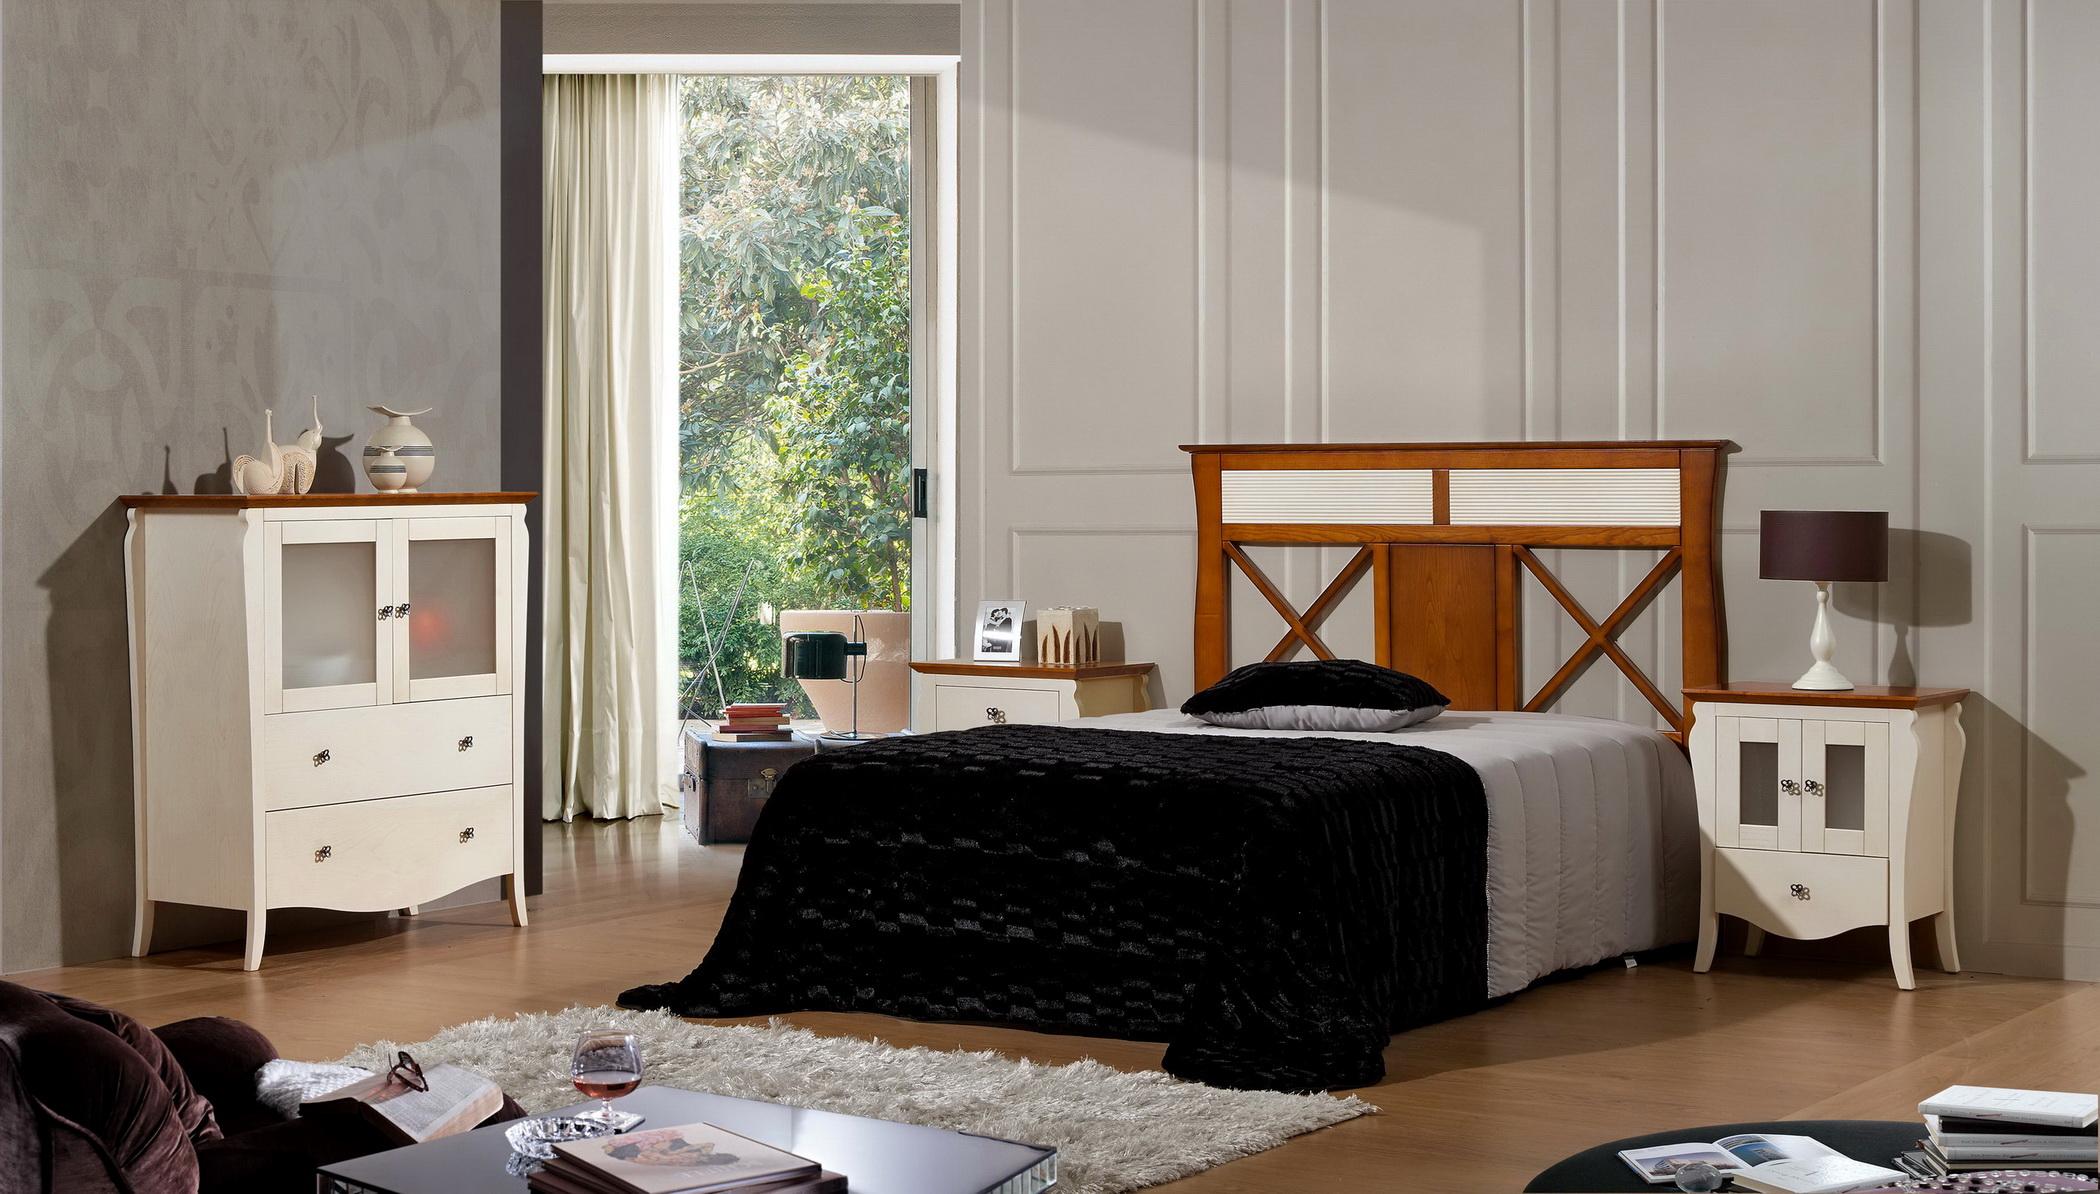 Dormitorios en madera maciza de castaño by JBM 0192 de venta en Muebles ANTOÑÁN León